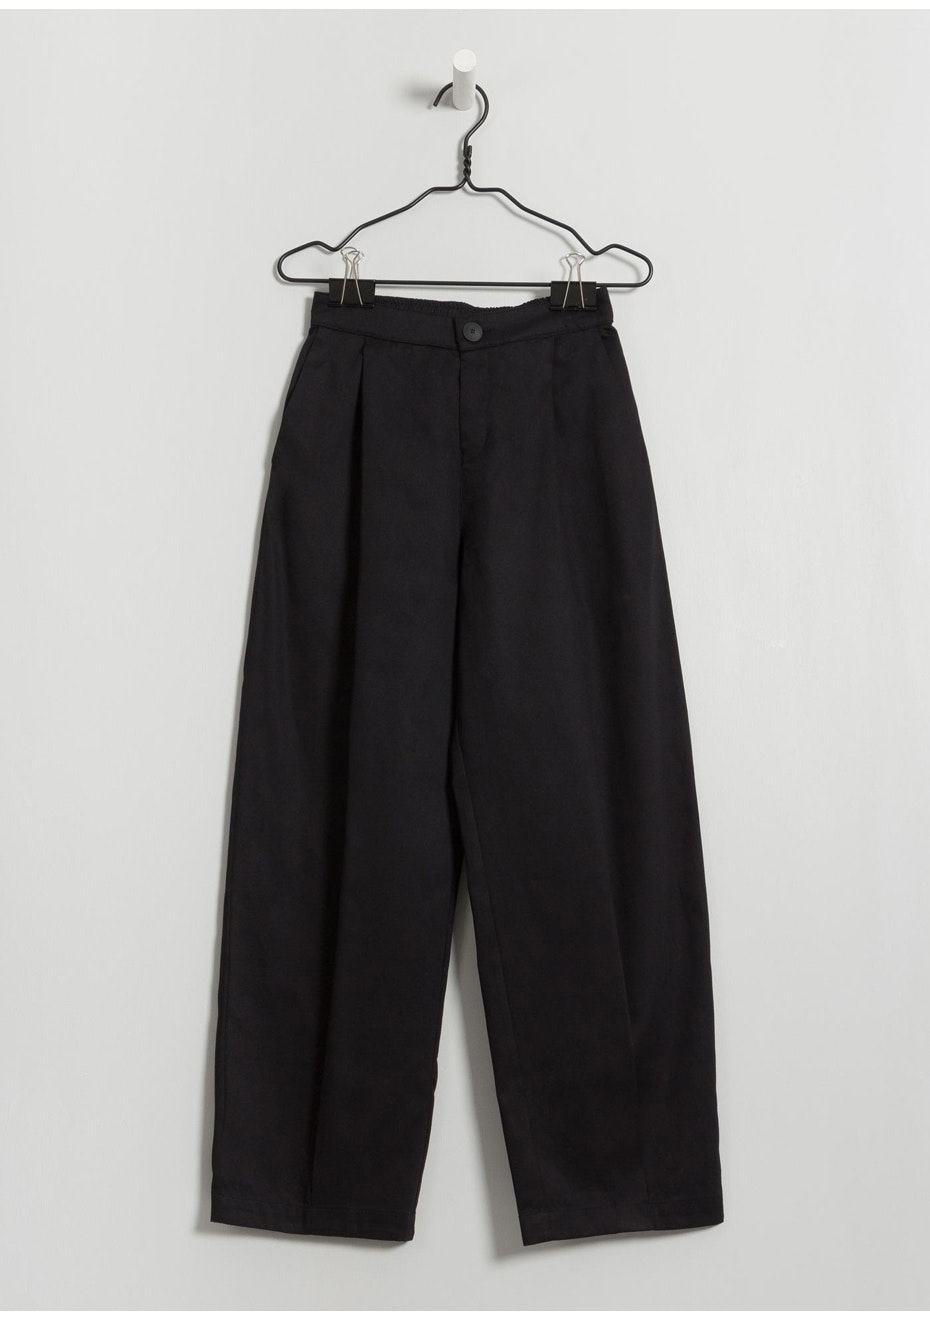 Kowtow - Oxide Pant - Black